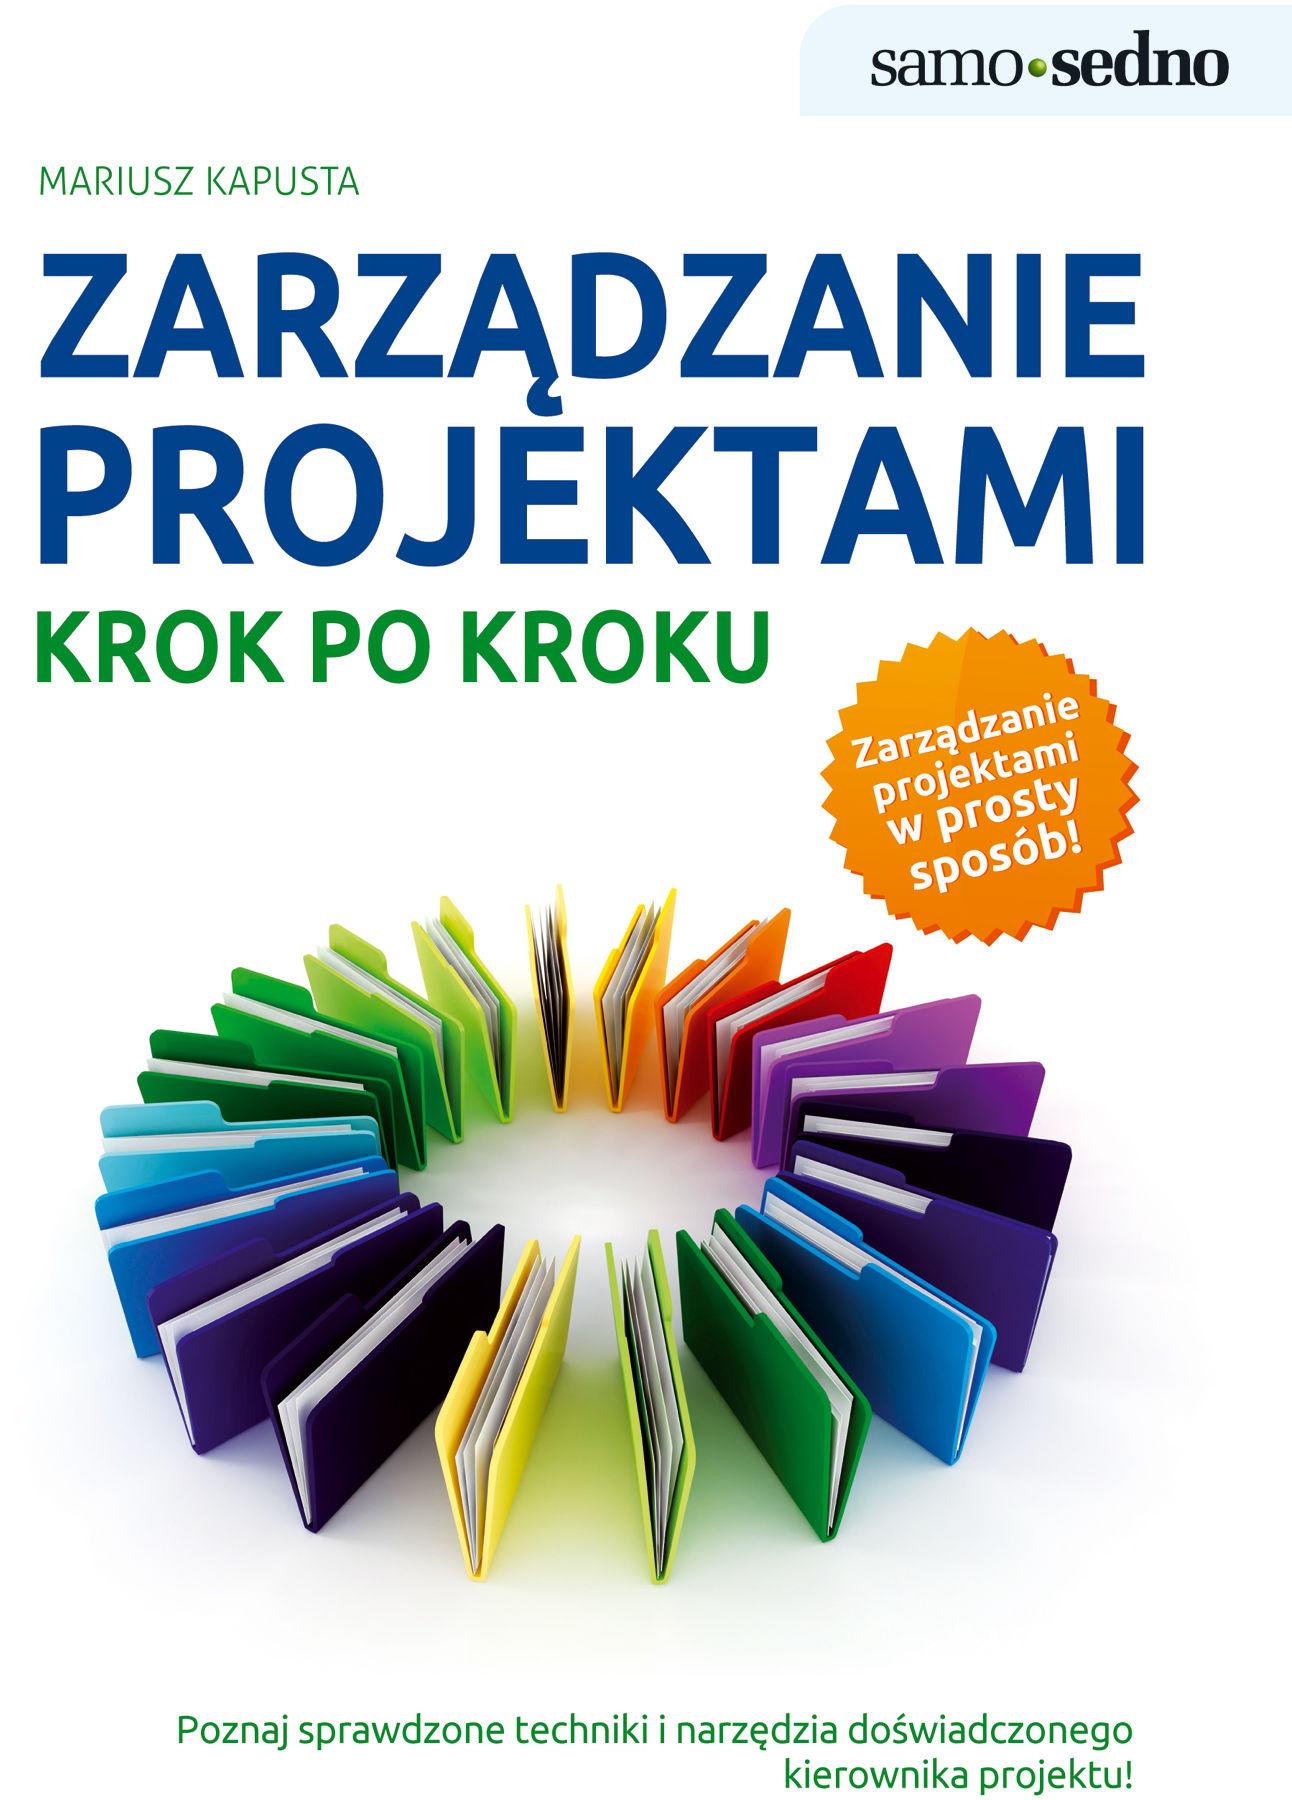 Zarządzanie projektami krok po kroku - Mariusz Kapusta - ebook